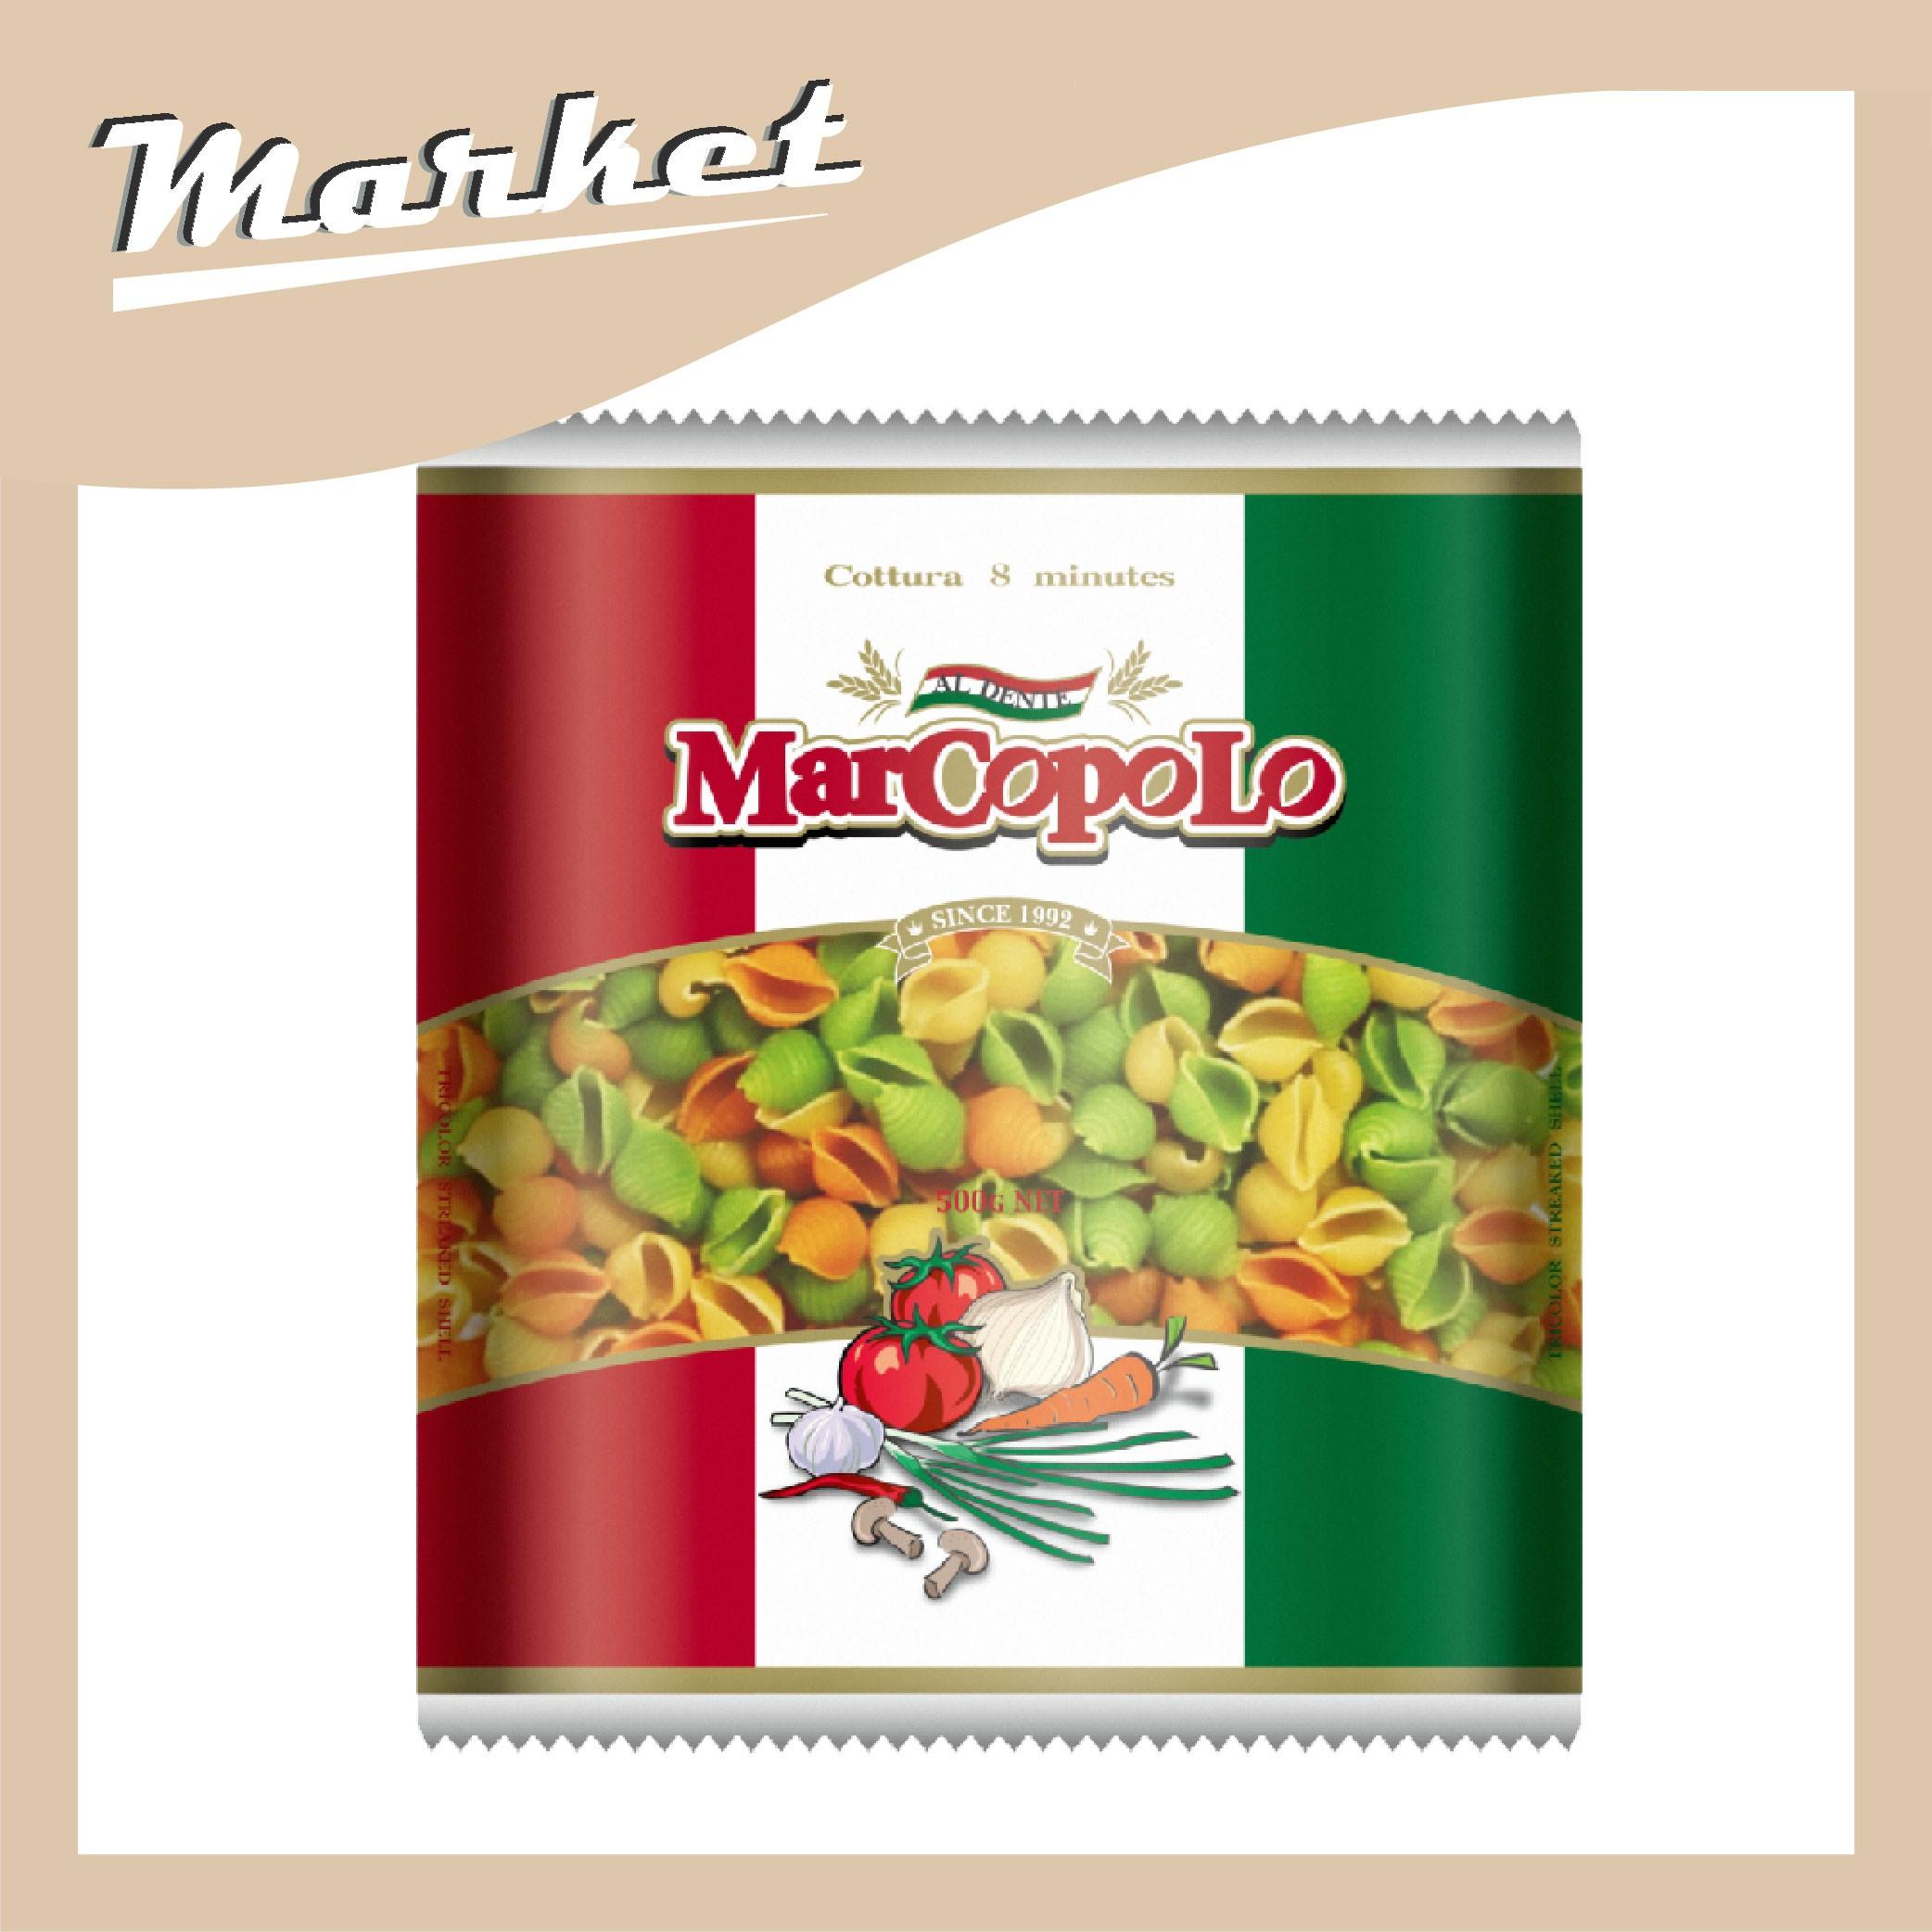 【馬可波羅】三色稜紋貝殼麵麵(500g)